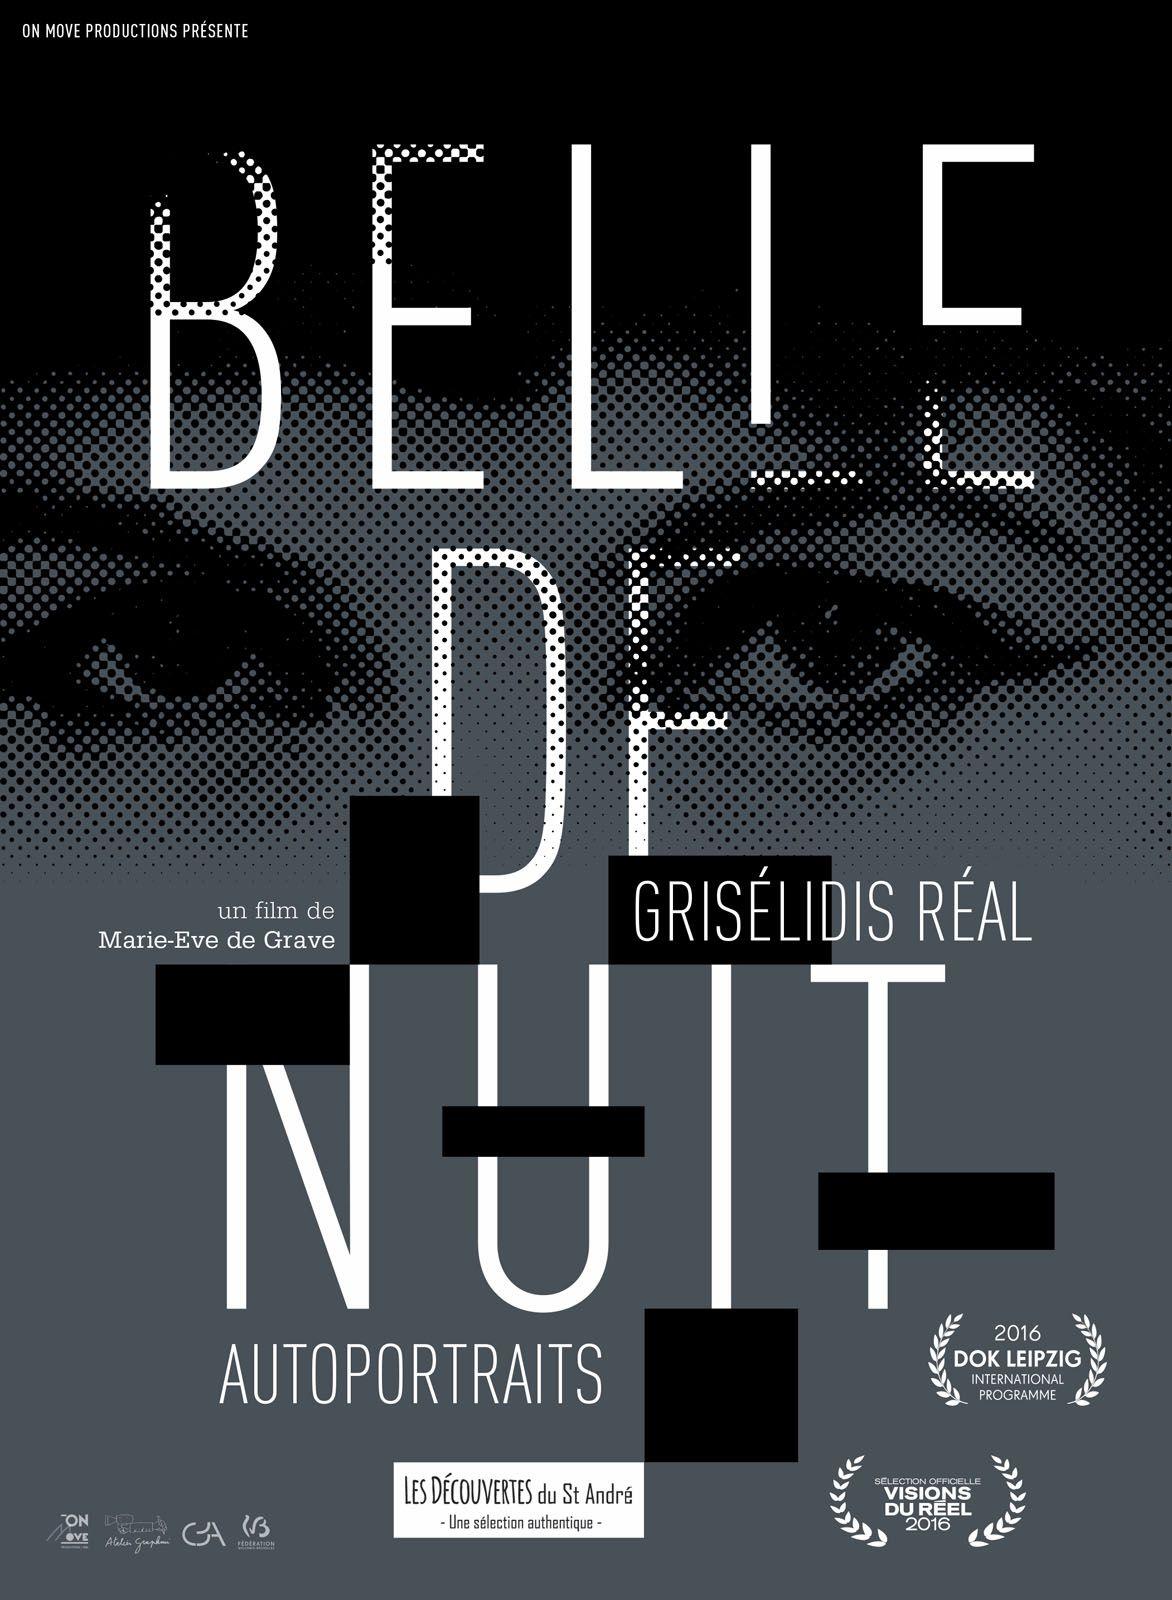 Belle de nuit - Grisélidis Réal, autoportraits - Documentaire (2017)